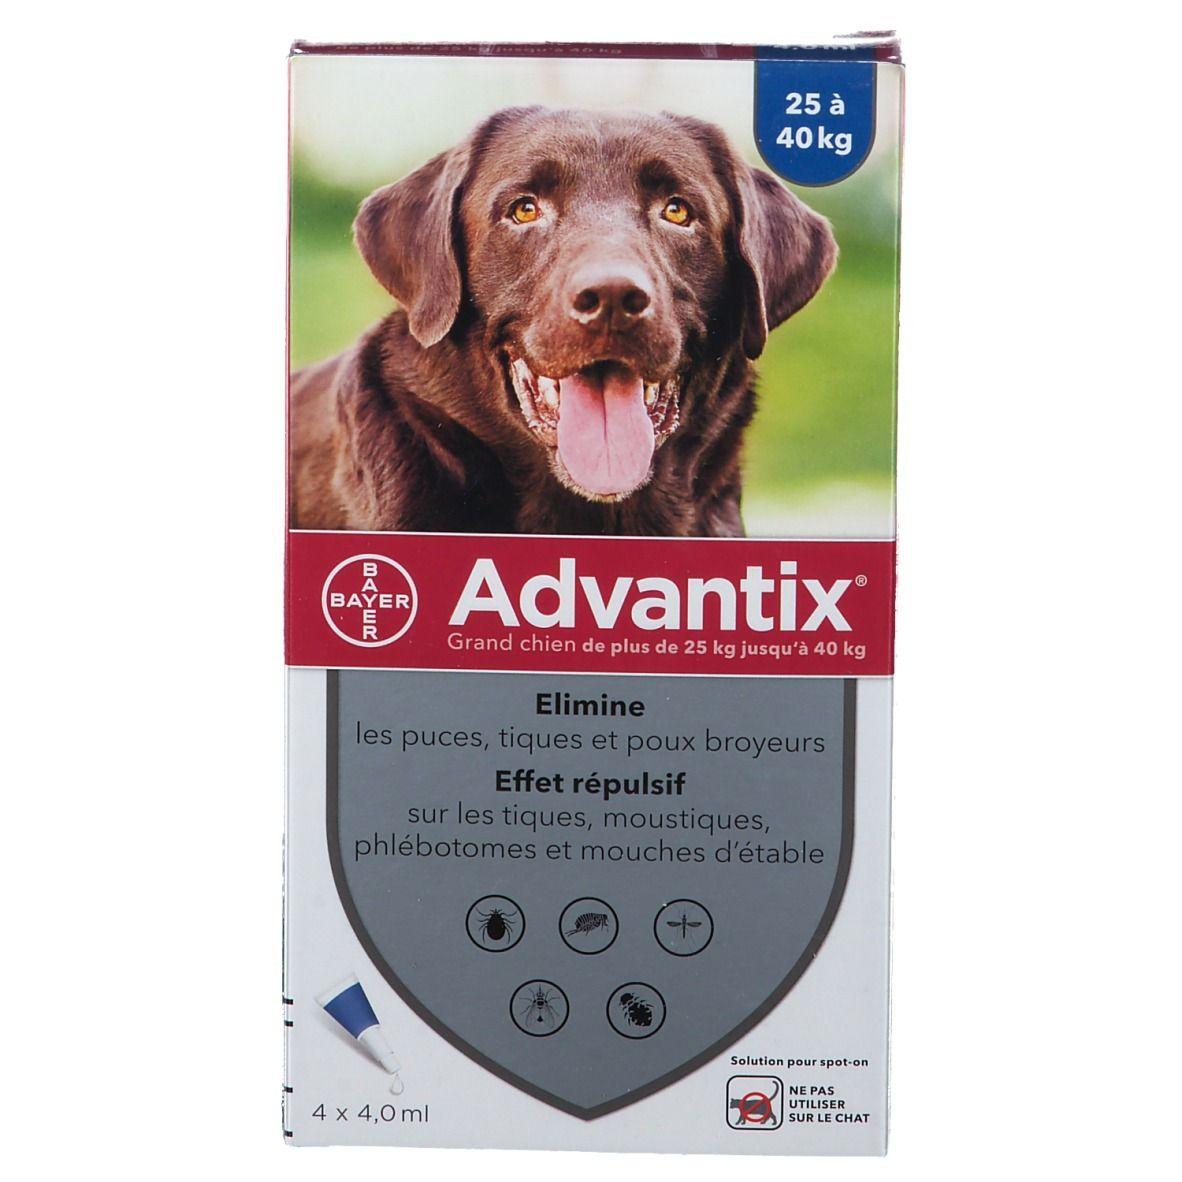 Image of Advantix Grand chien de 25 kg - 40 kg